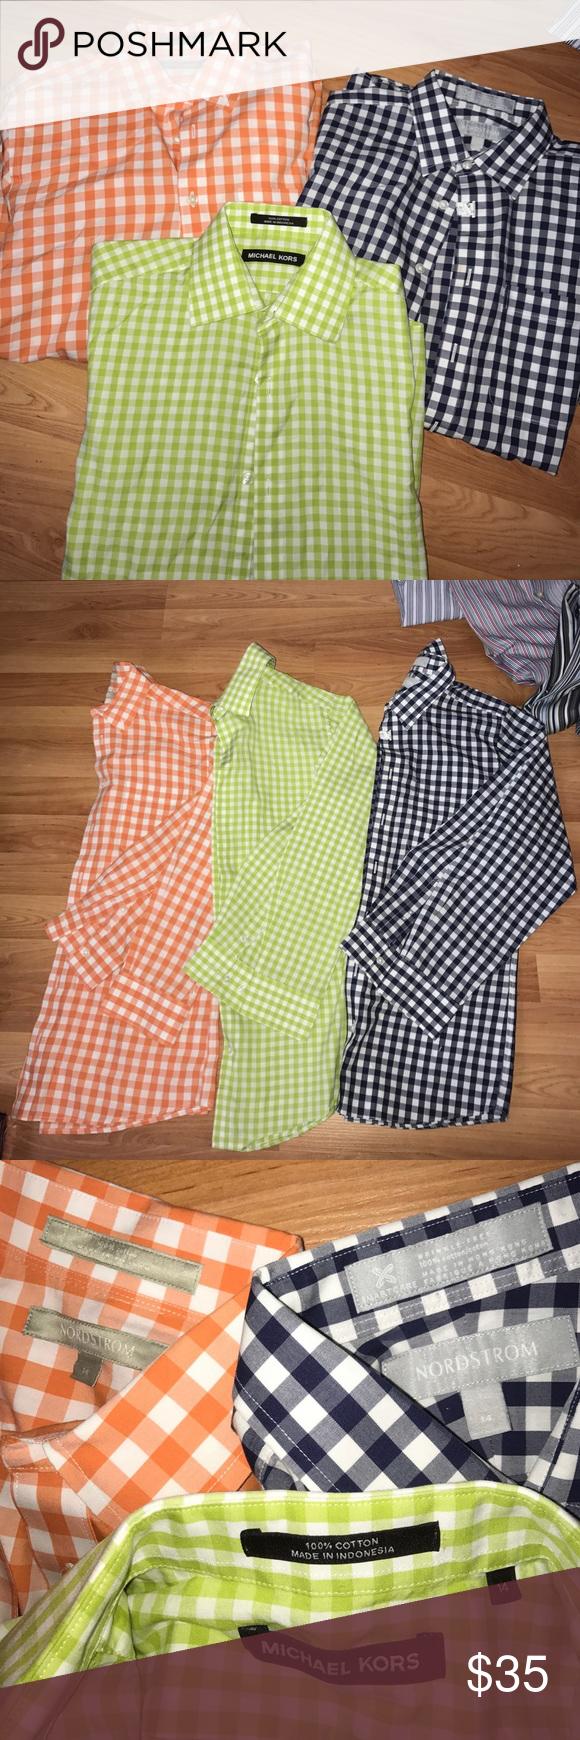 Green checkered dress shirt   boys checkered dress shirts  Pinterest  Dress shirts Nordstrom